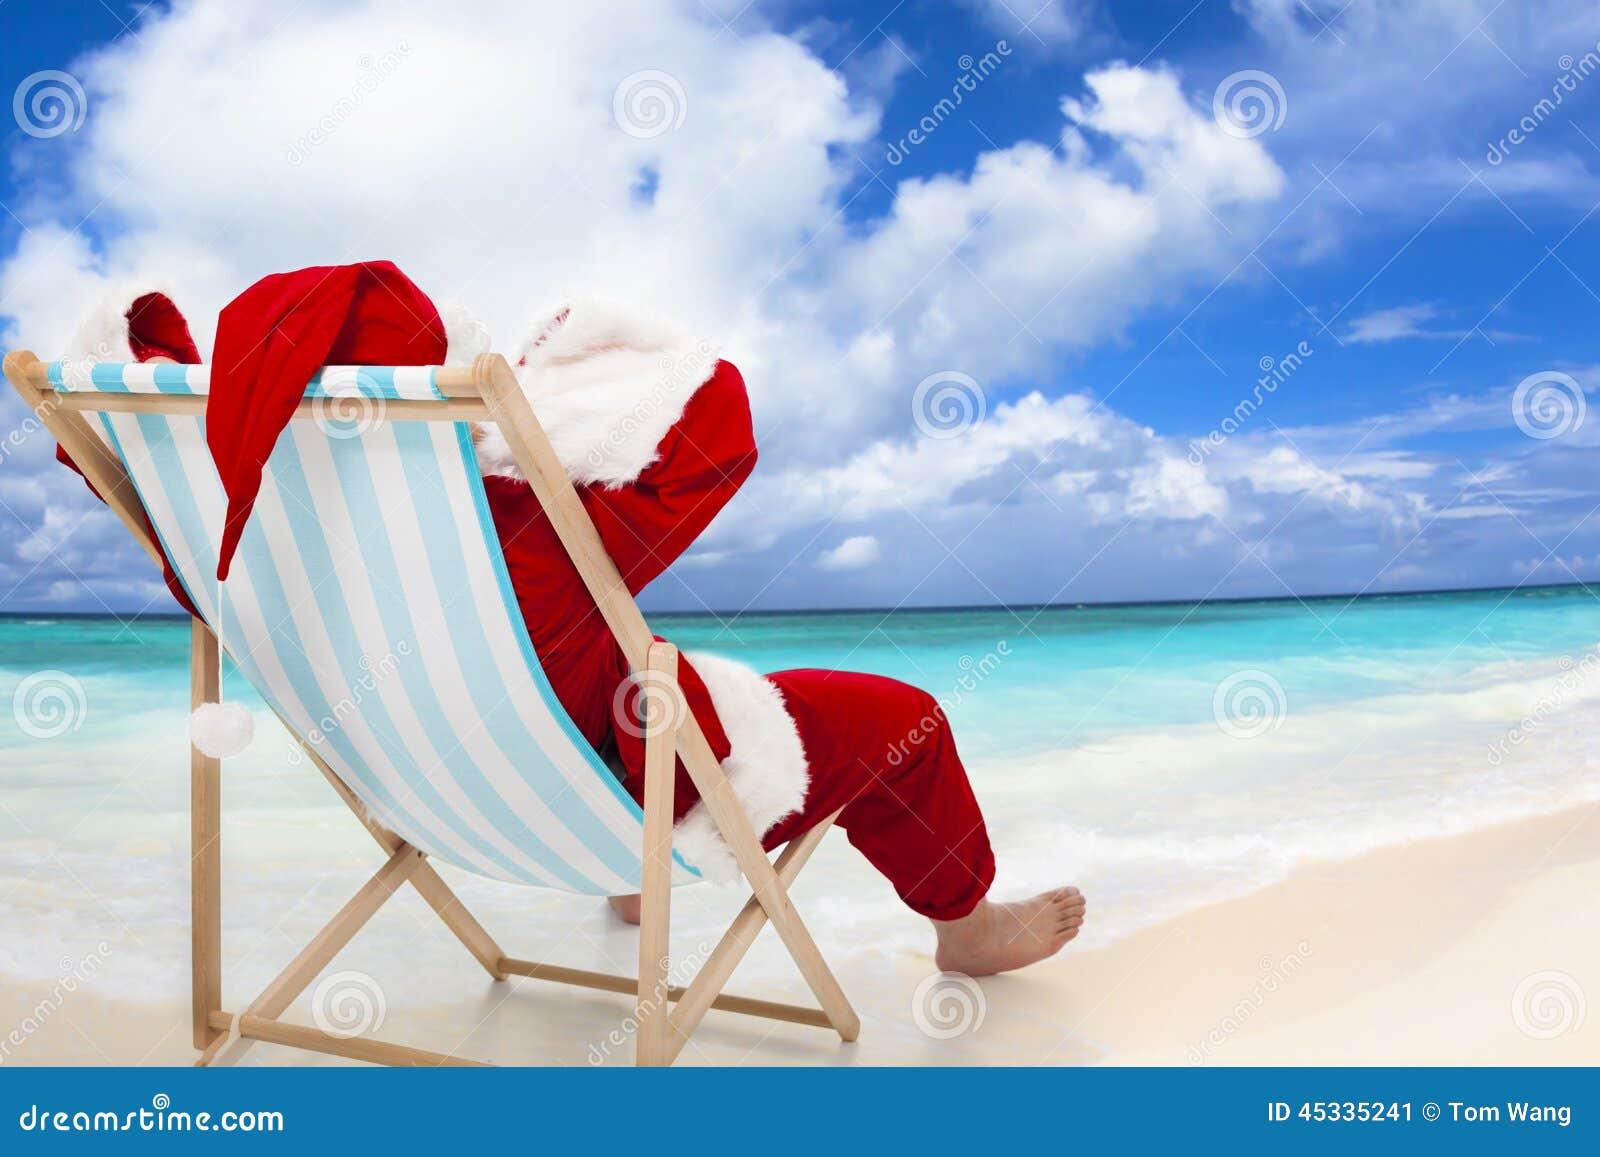 Συνεδρίαση Άγιου Βασίλη στις καρέκλες παραλιών Έννοια διακοπών Χριστουγέννων